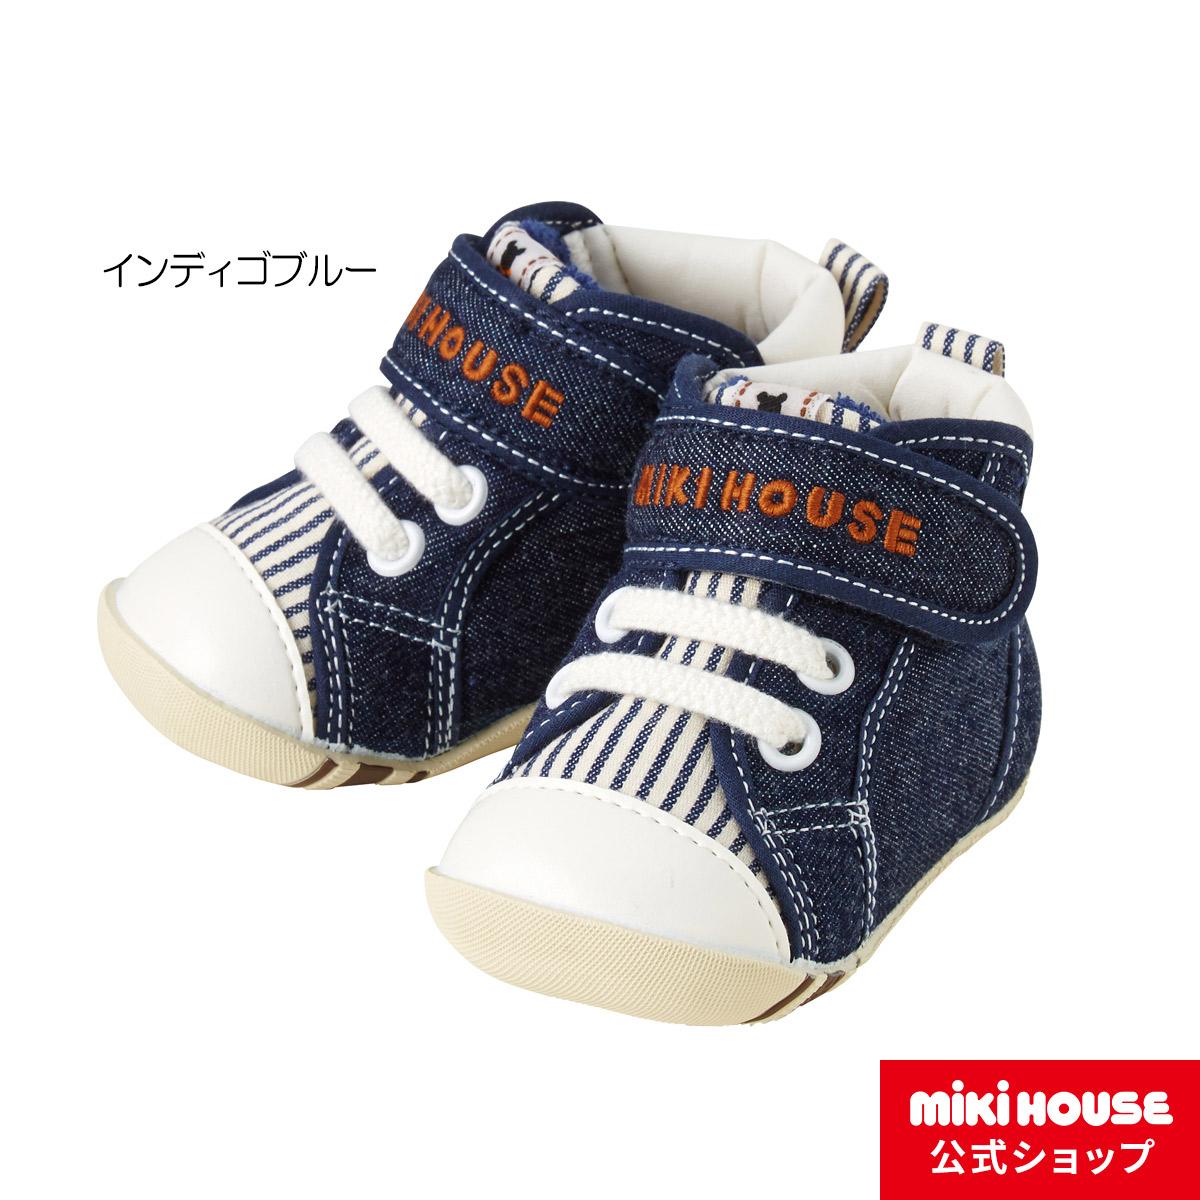 ミキハウス mikihouse  デニム素材のベビーファーストシューズ (11cm-13cm)  ベビー 赤ちゃん 男の子 女の子 靴 プレゼント 出産祝い